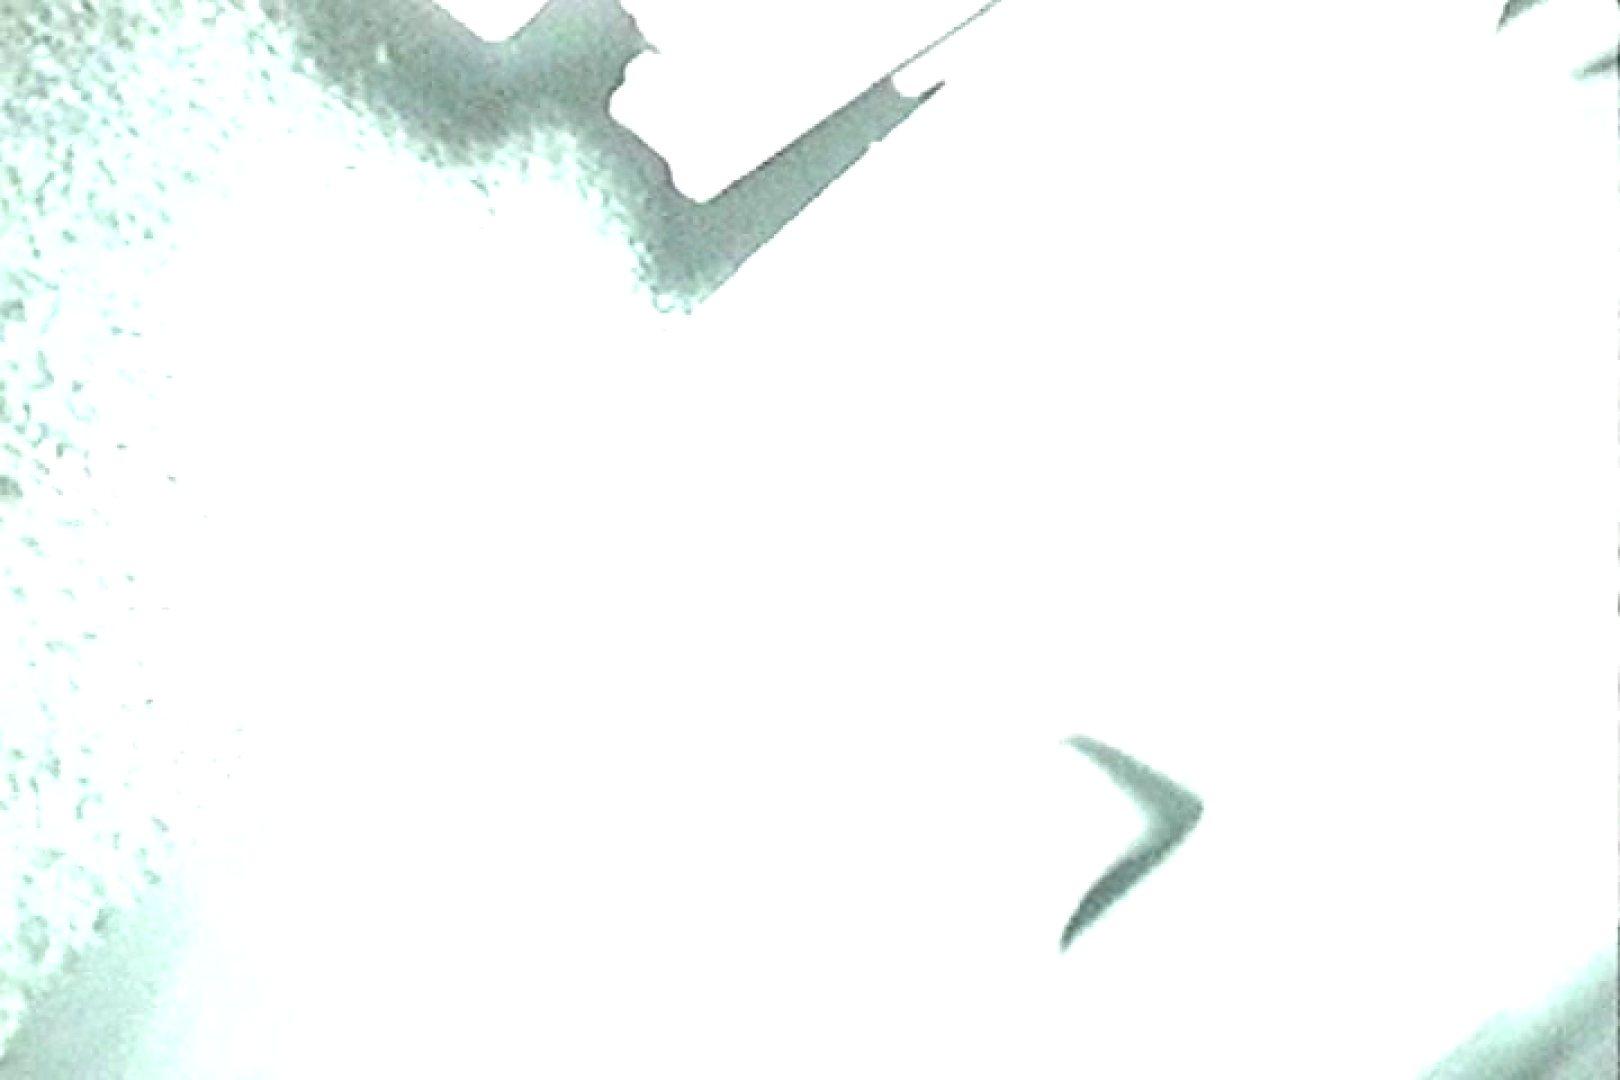 充血監督の深夜の運動会Vol.16 高画質 オマンコ無修正動画無料 105画像 74